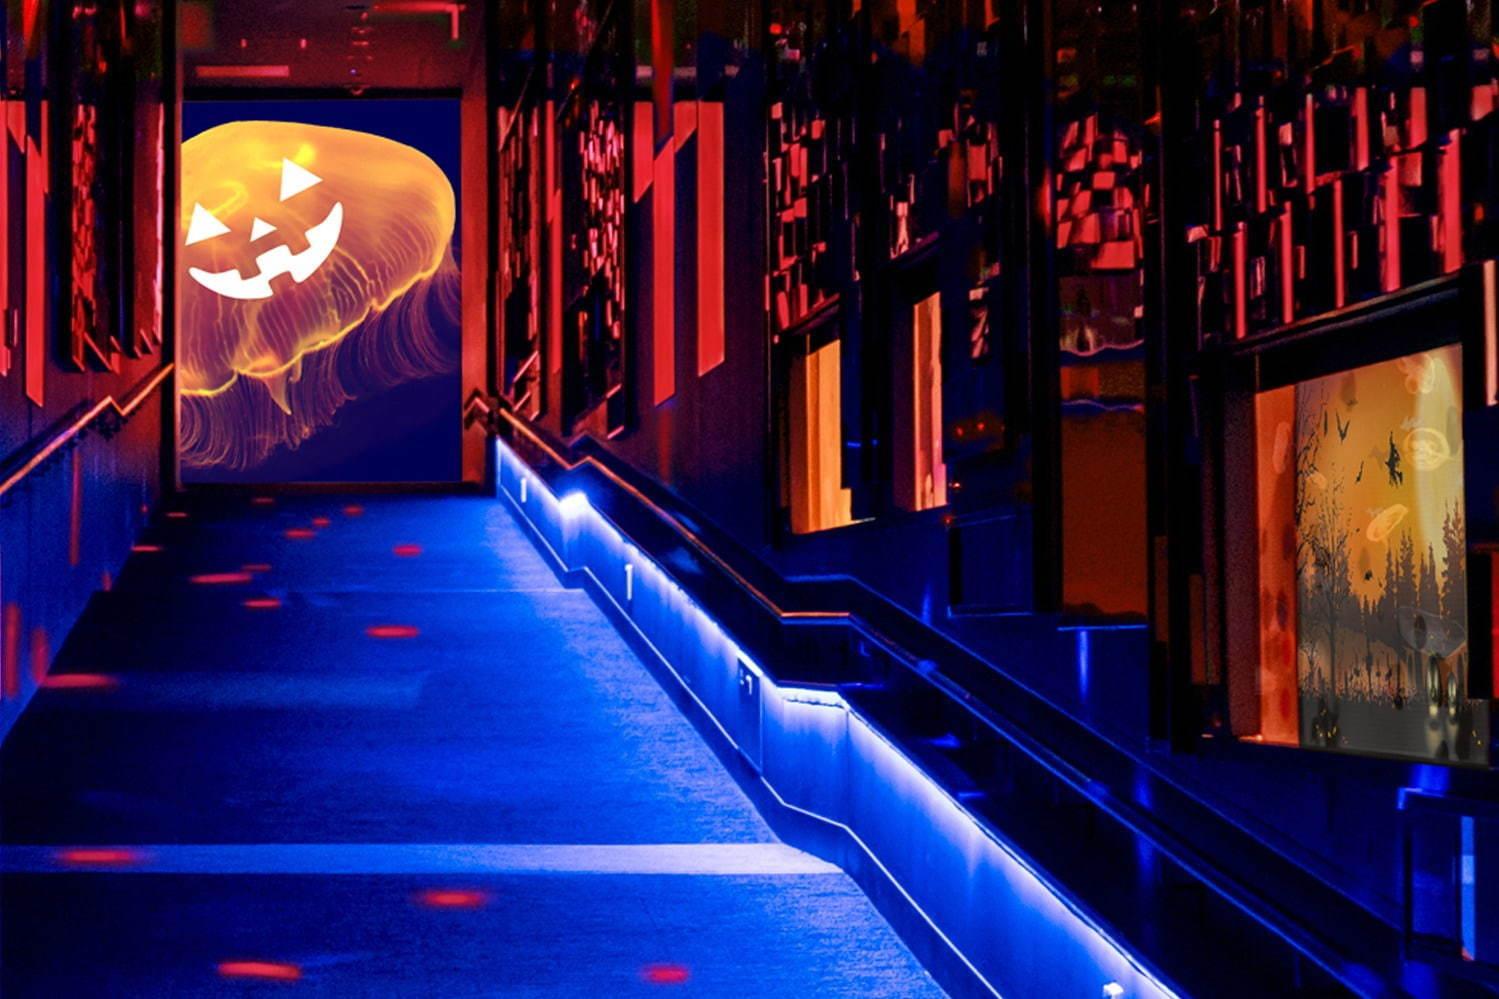 ハロウィン×水族館の異色コラボでなんとも不思議な癒し空間を楽しむ!『ハロウィン in すみだ水族館』が開催🎃